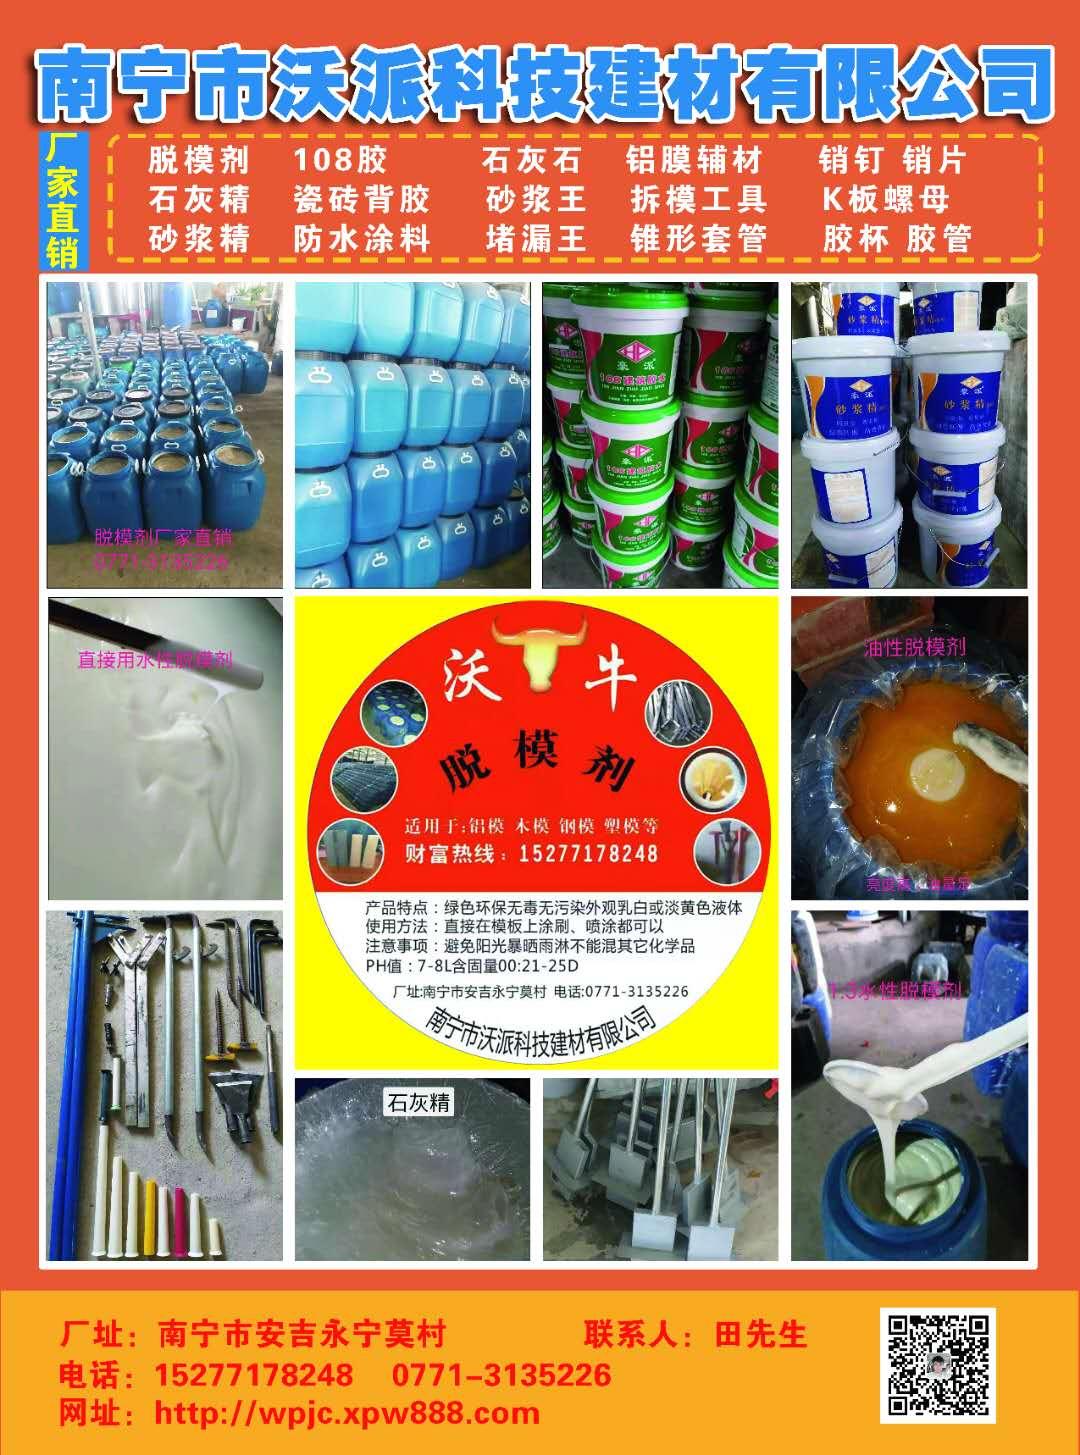 108建筑胶水产品特点